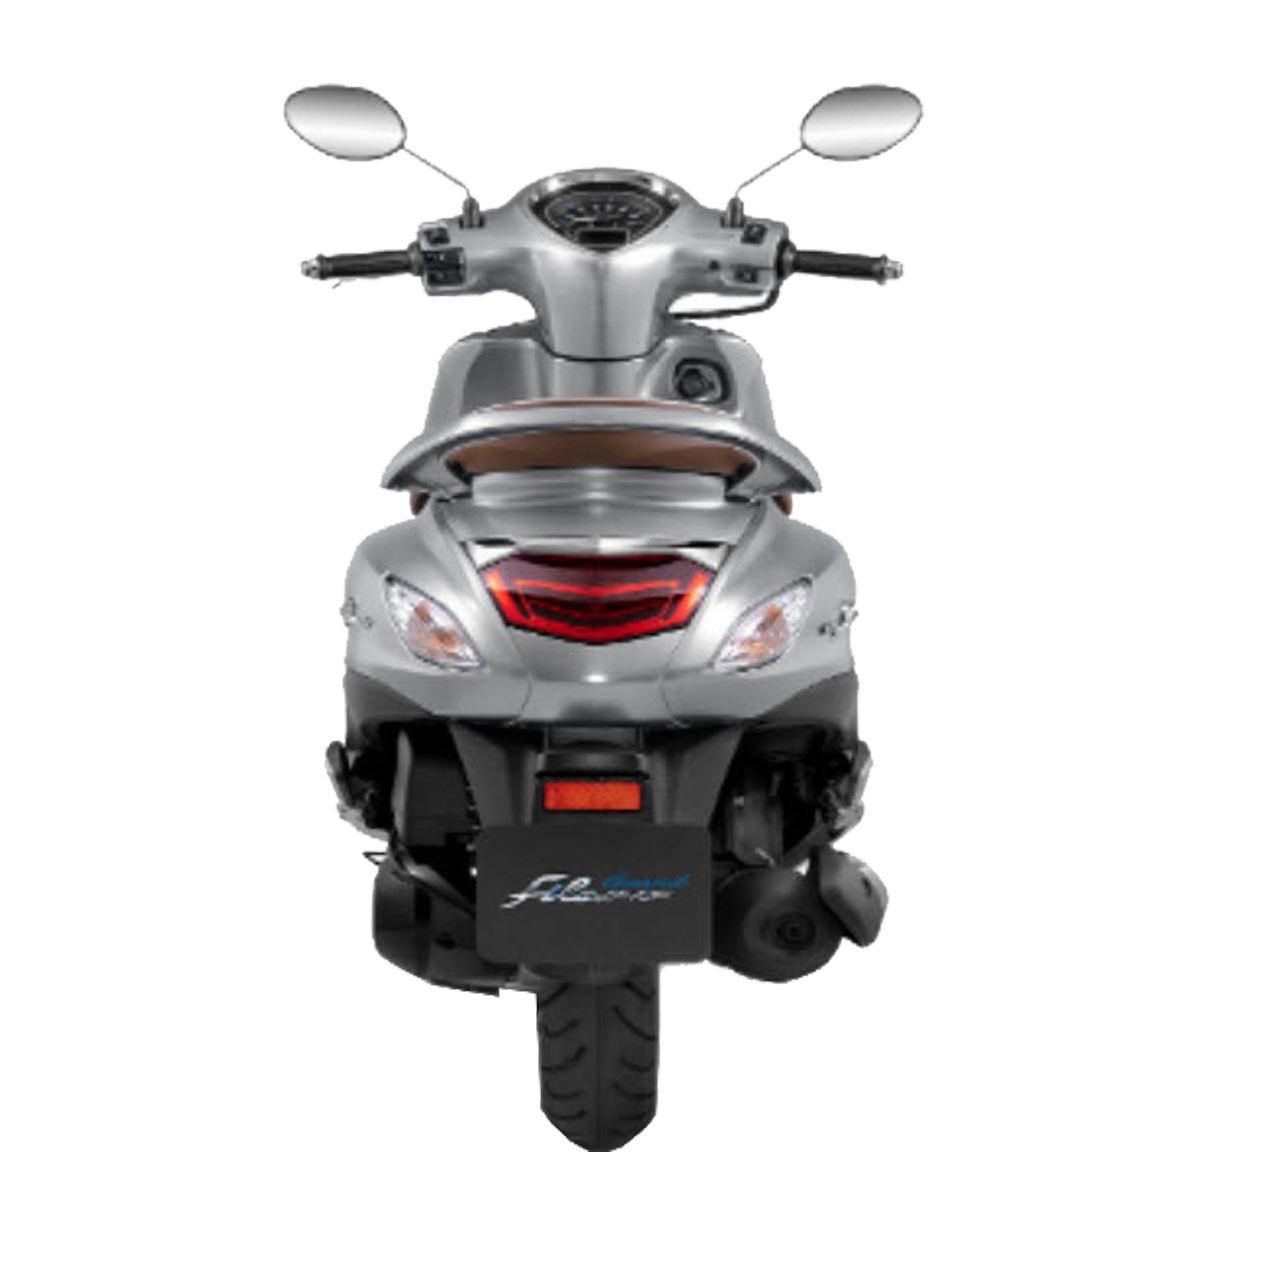 موتورسیکلت یاماها مدل GRAND FILANO ABS حجم 125 سی سی سال 1399 main 1 3